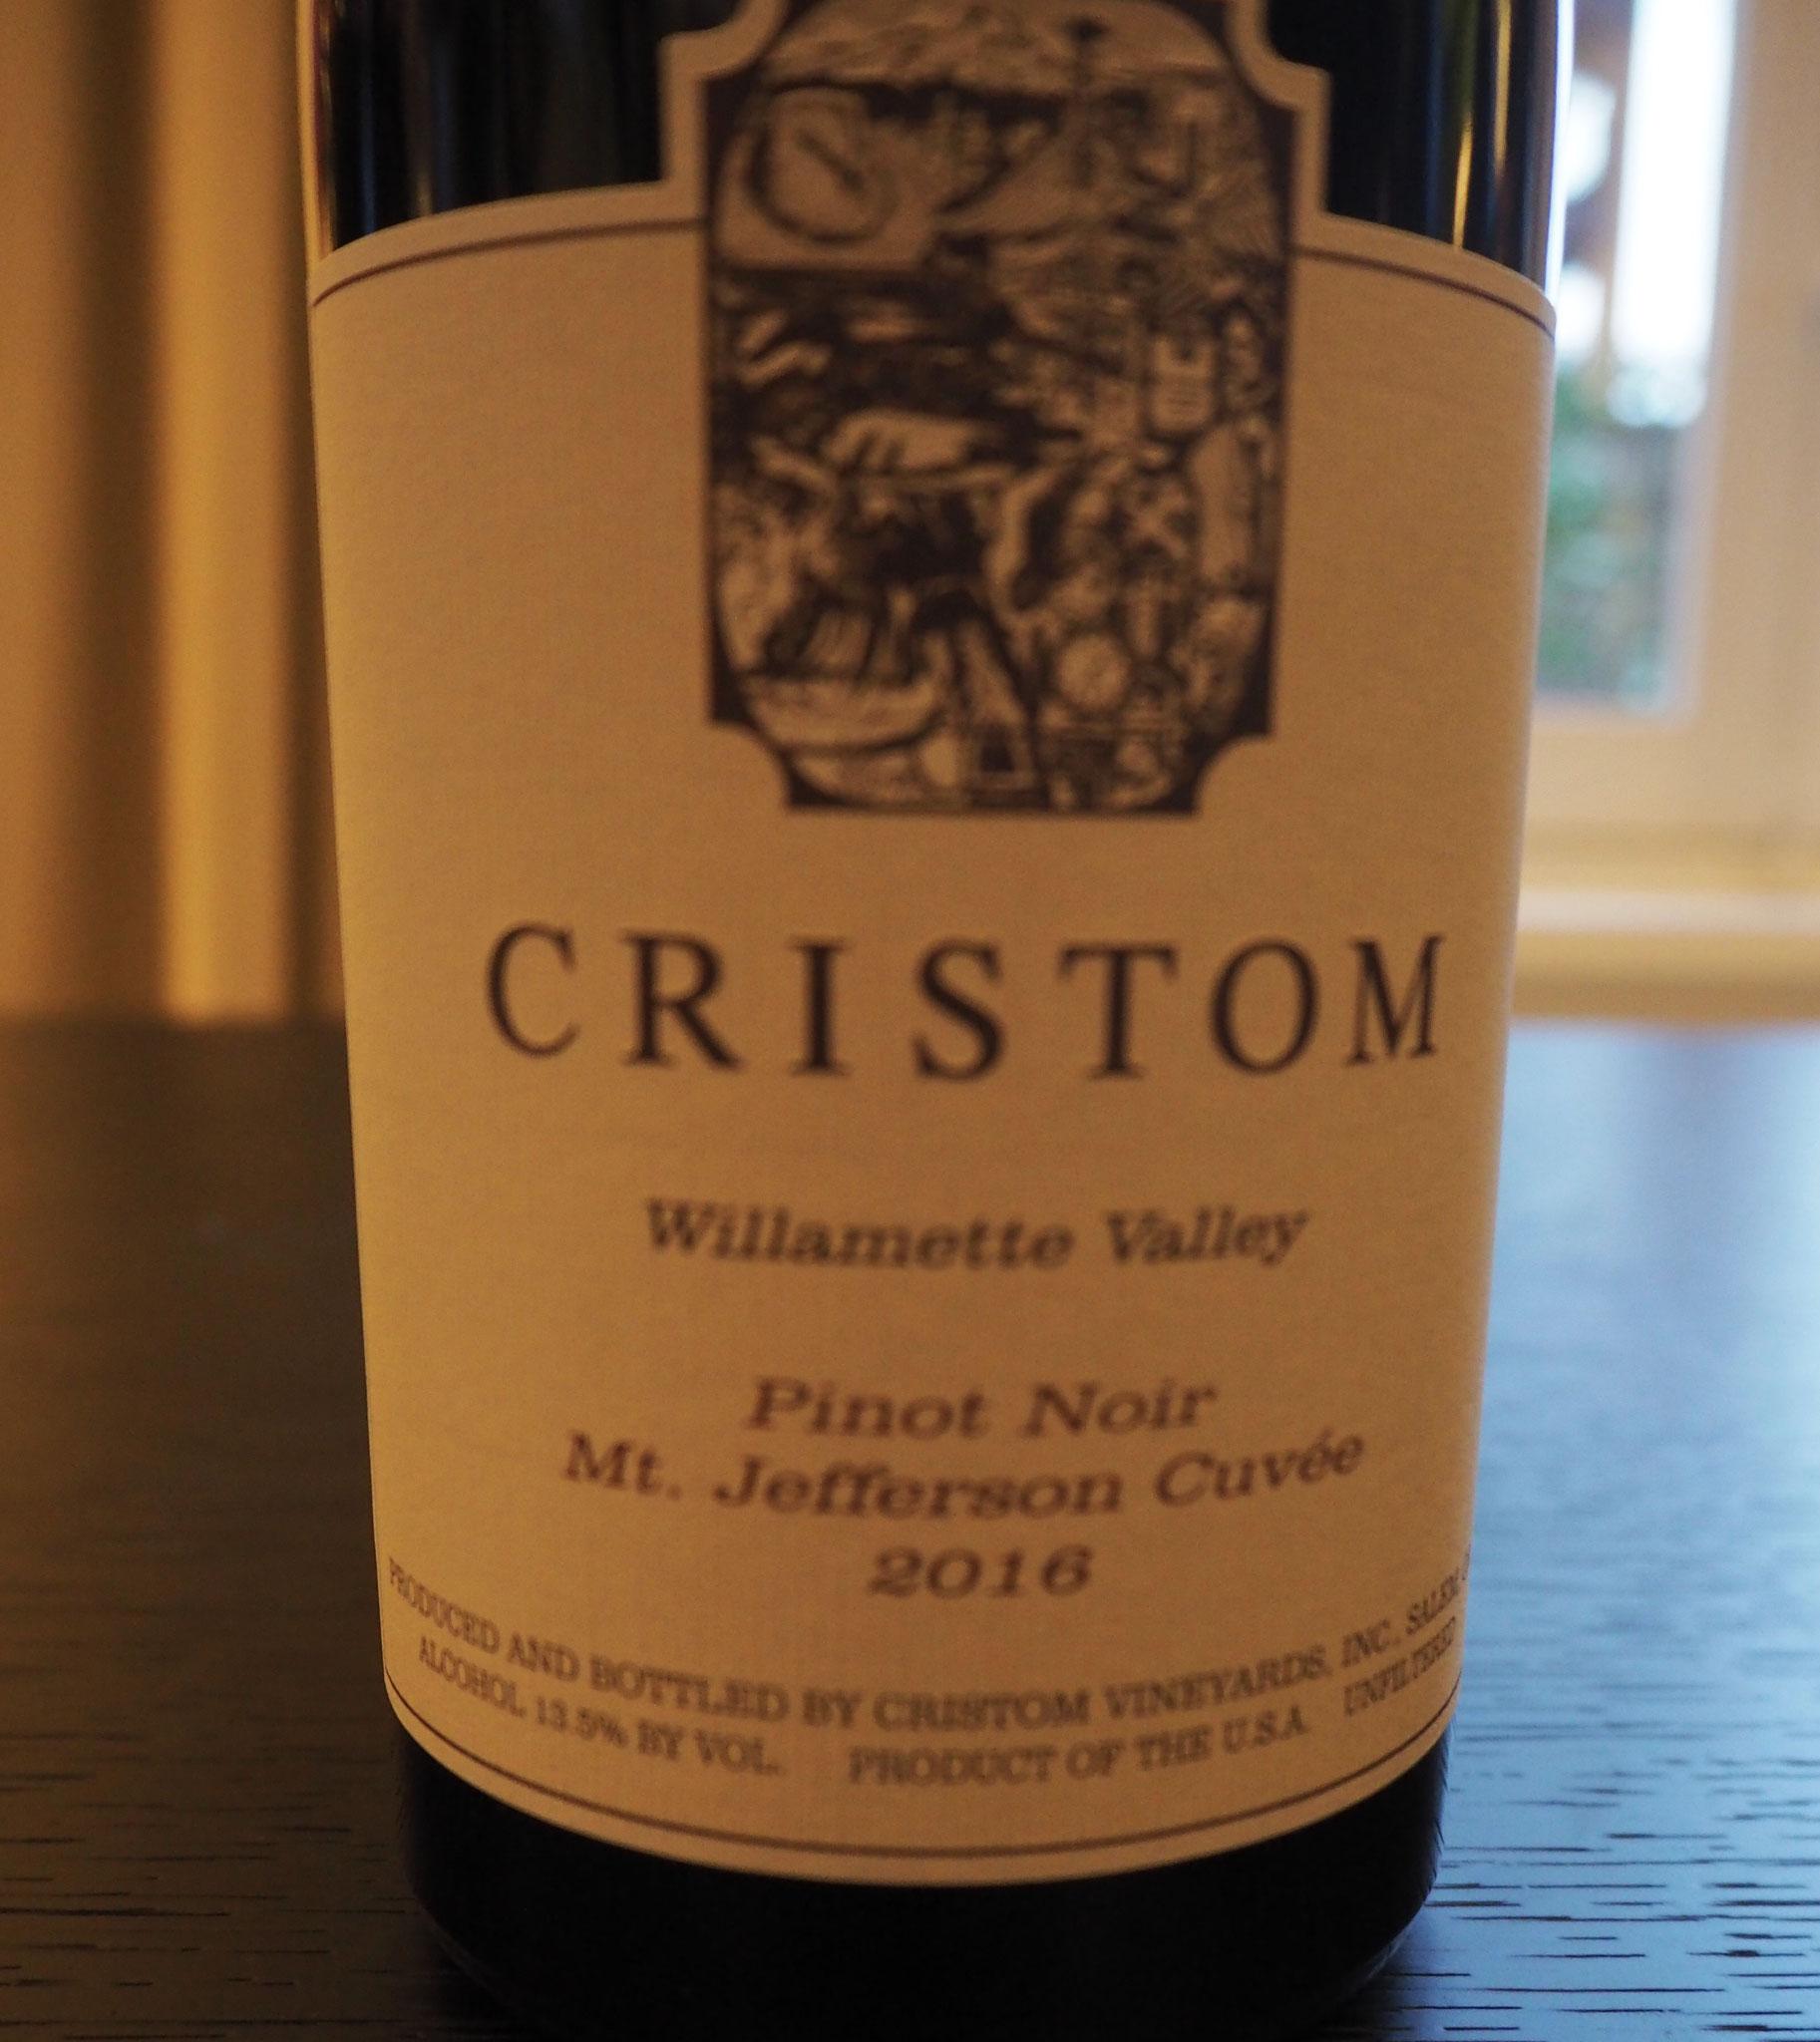 Oregon is al lang één van mijn favoriete wijngebieden, en deze Cristom bewijst waarom: gevarieerd rood fruit, rijp, complexe elegantie en lange finale A